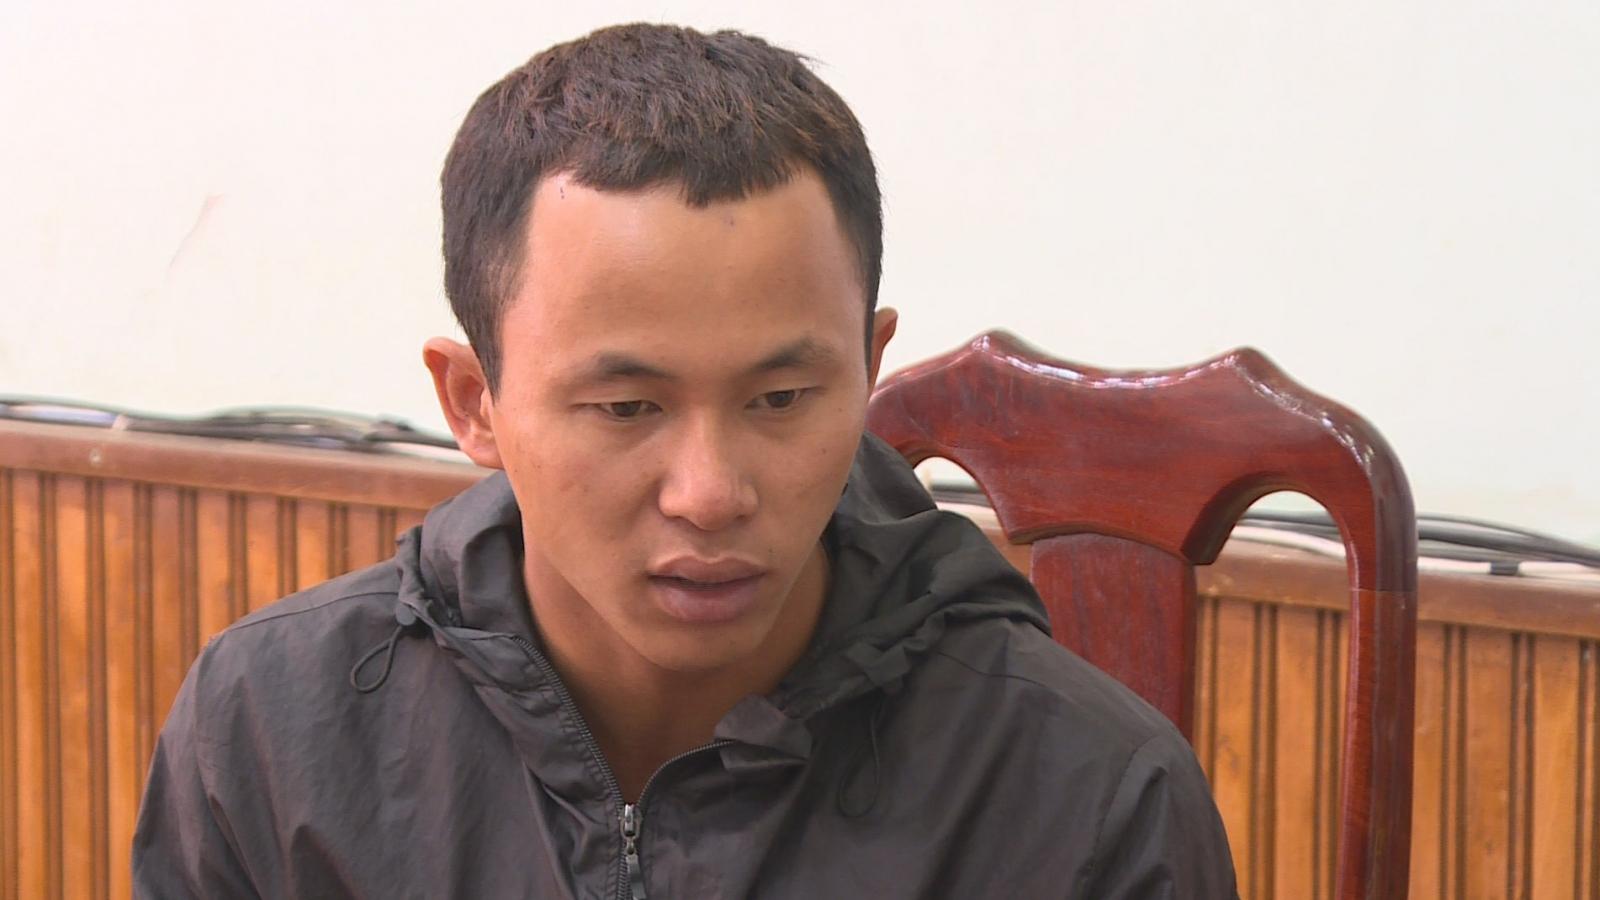 Đắk Lắk: Bắt nam thanh niên đâm chết bạn nhậu